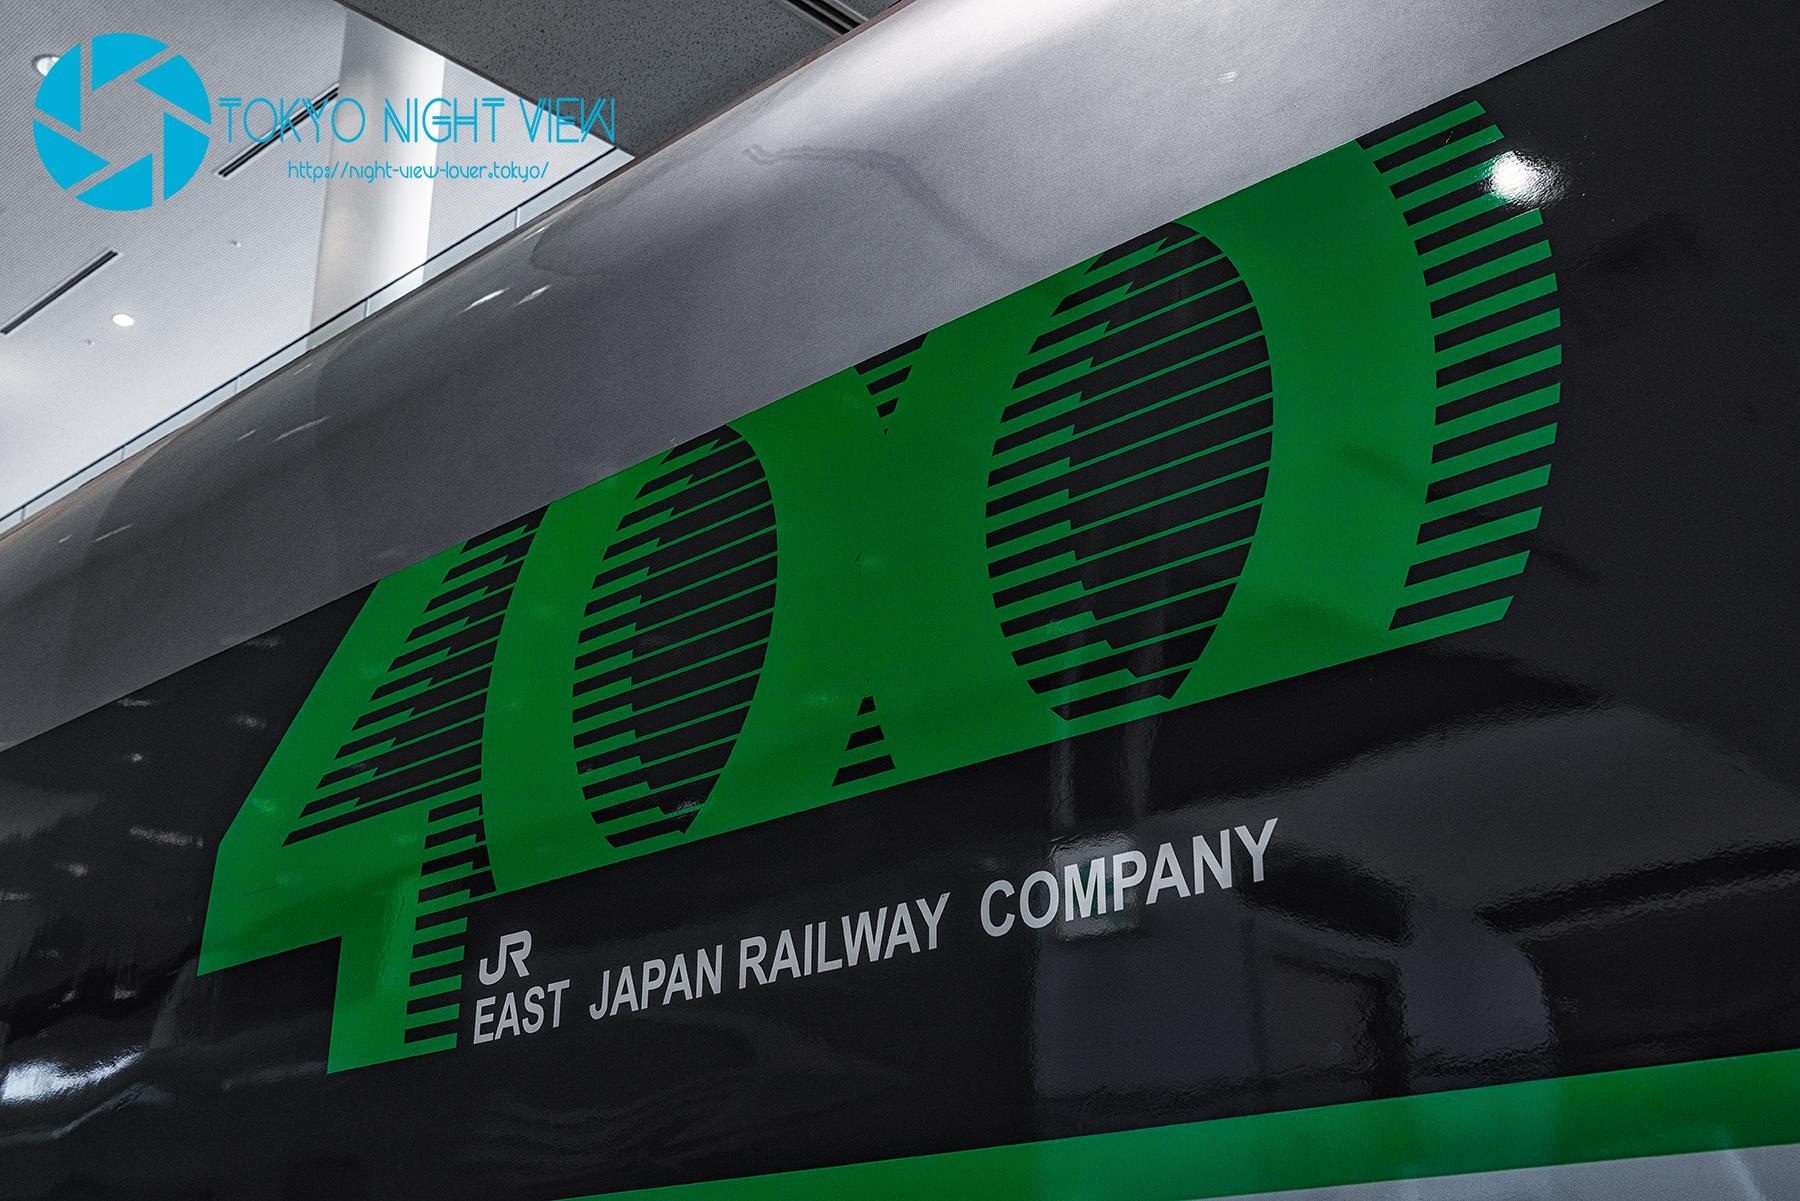 鉄道博物館 400系新幹線